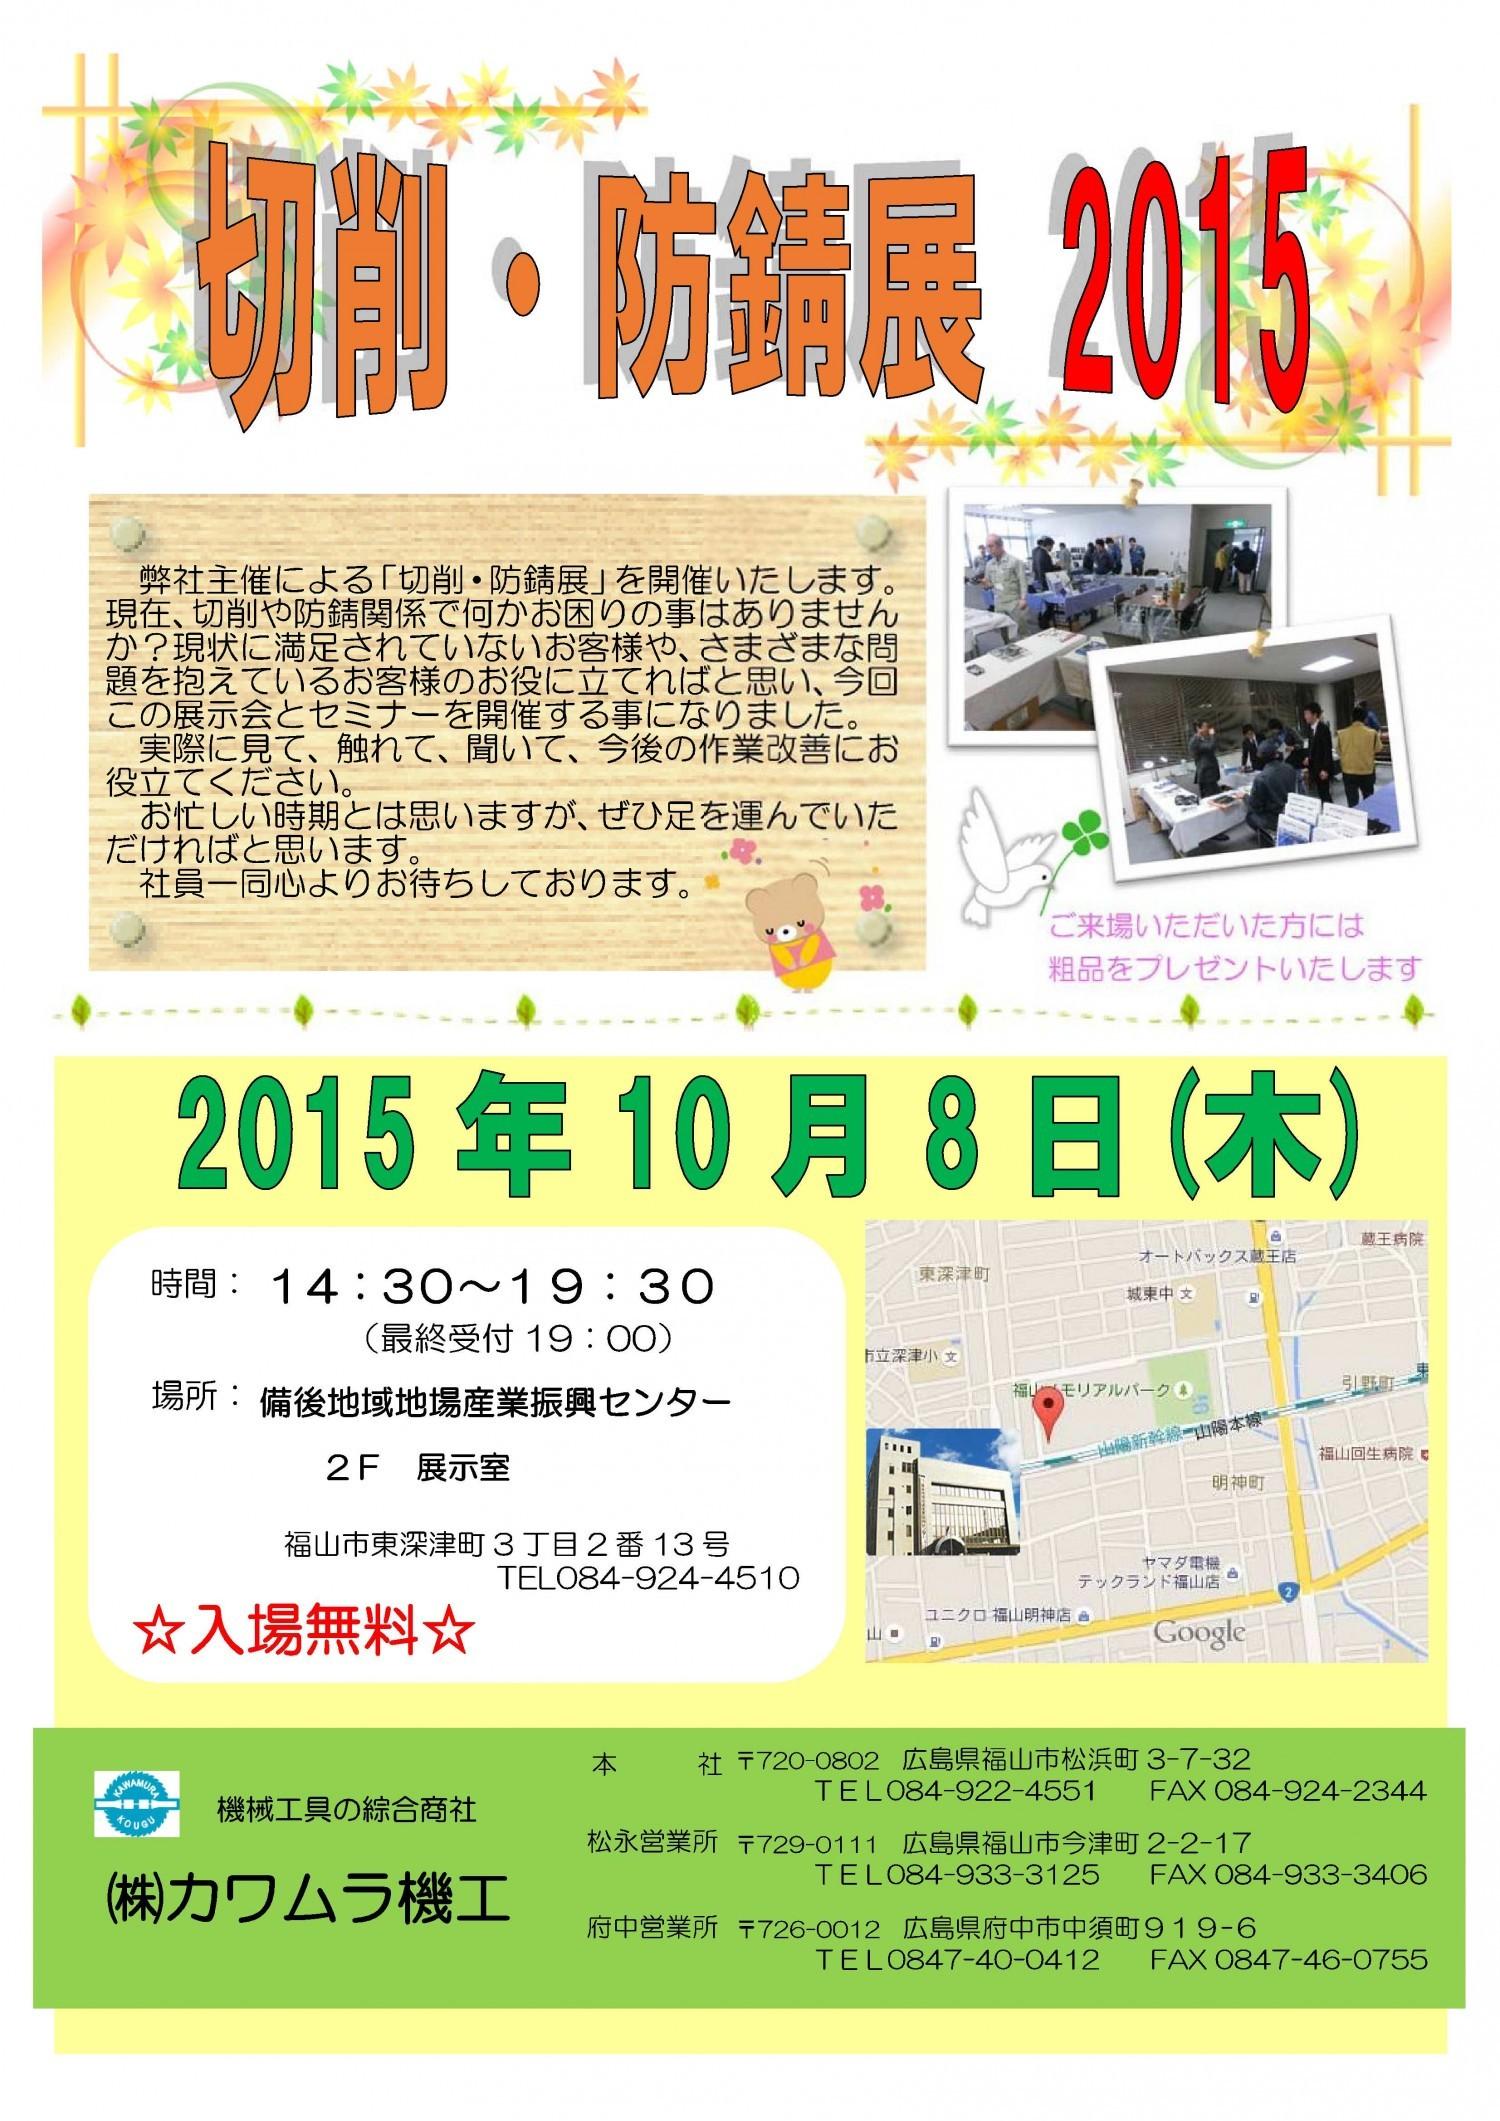 切削・防錆展 2015